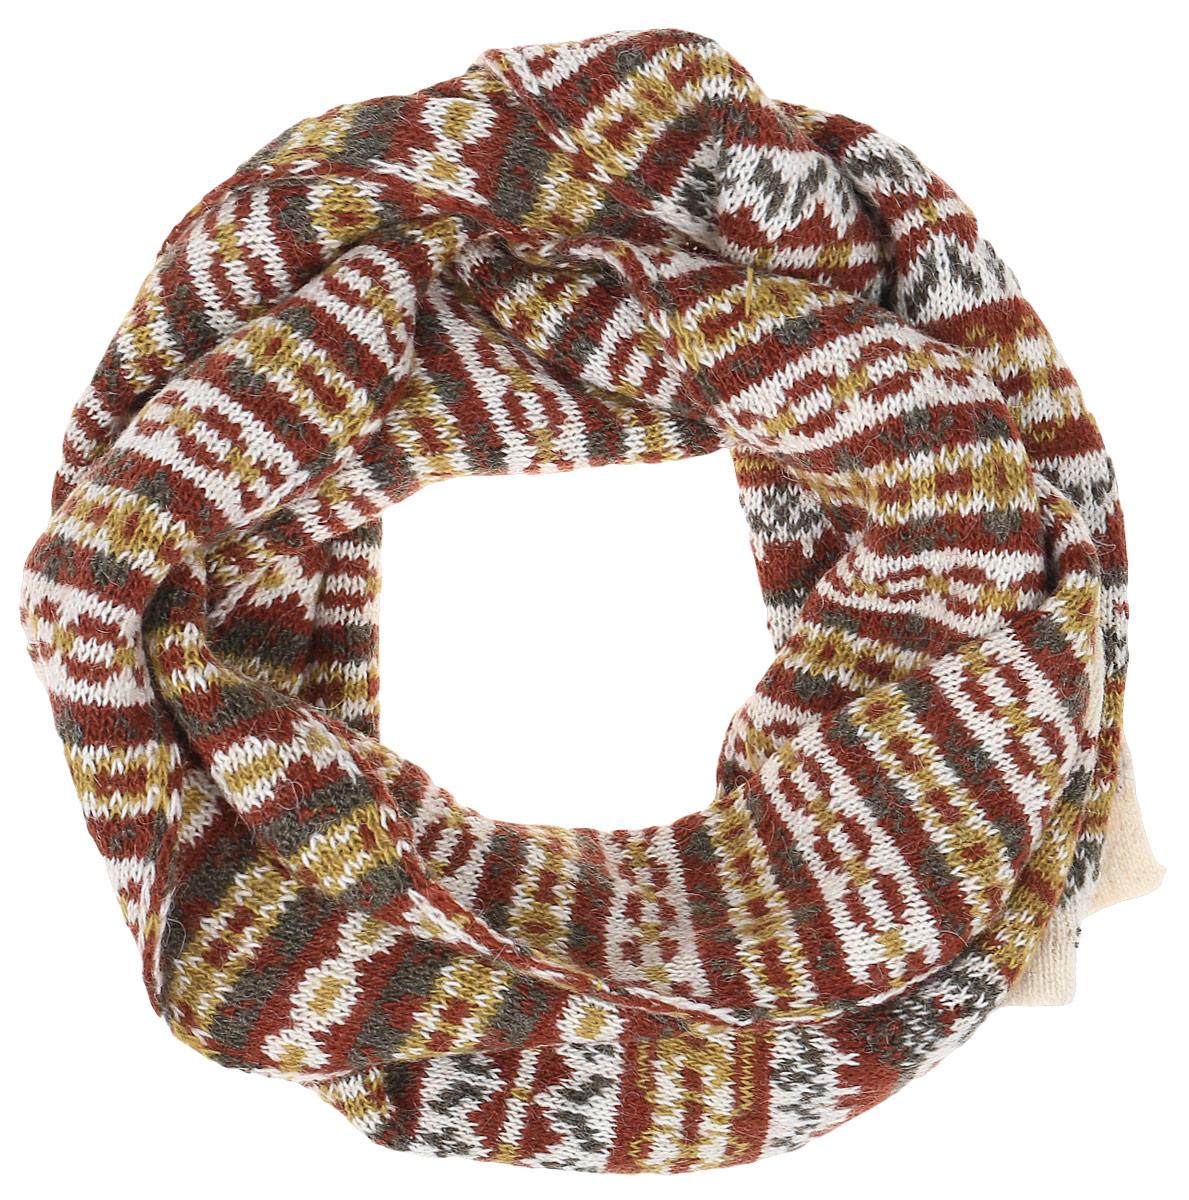 ШарфW16-12118_201Теплый женский шарф Finn Flare станет достойным завершением вашего образа. Шарф изготовлен из сочетания высококачественных материалов. Модель оформлена контрастным принтом с узорами.